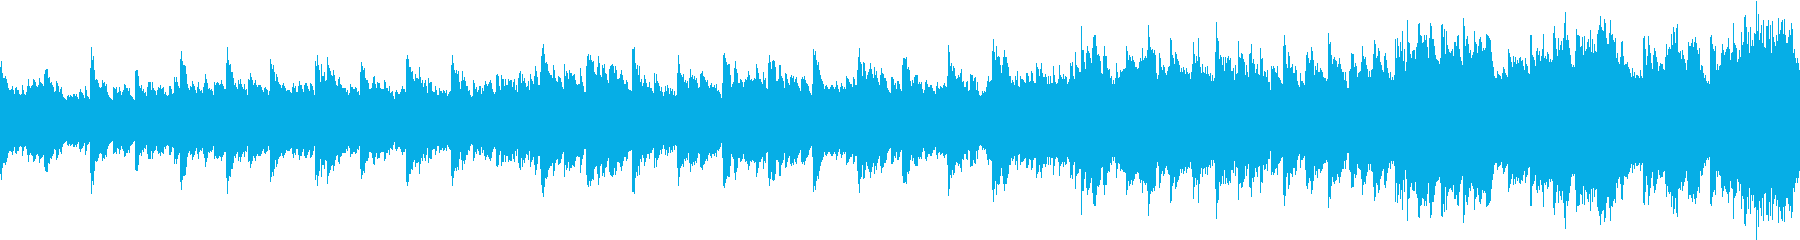 静かで静かなピアノの動き。このトラ...の再生済みの波形